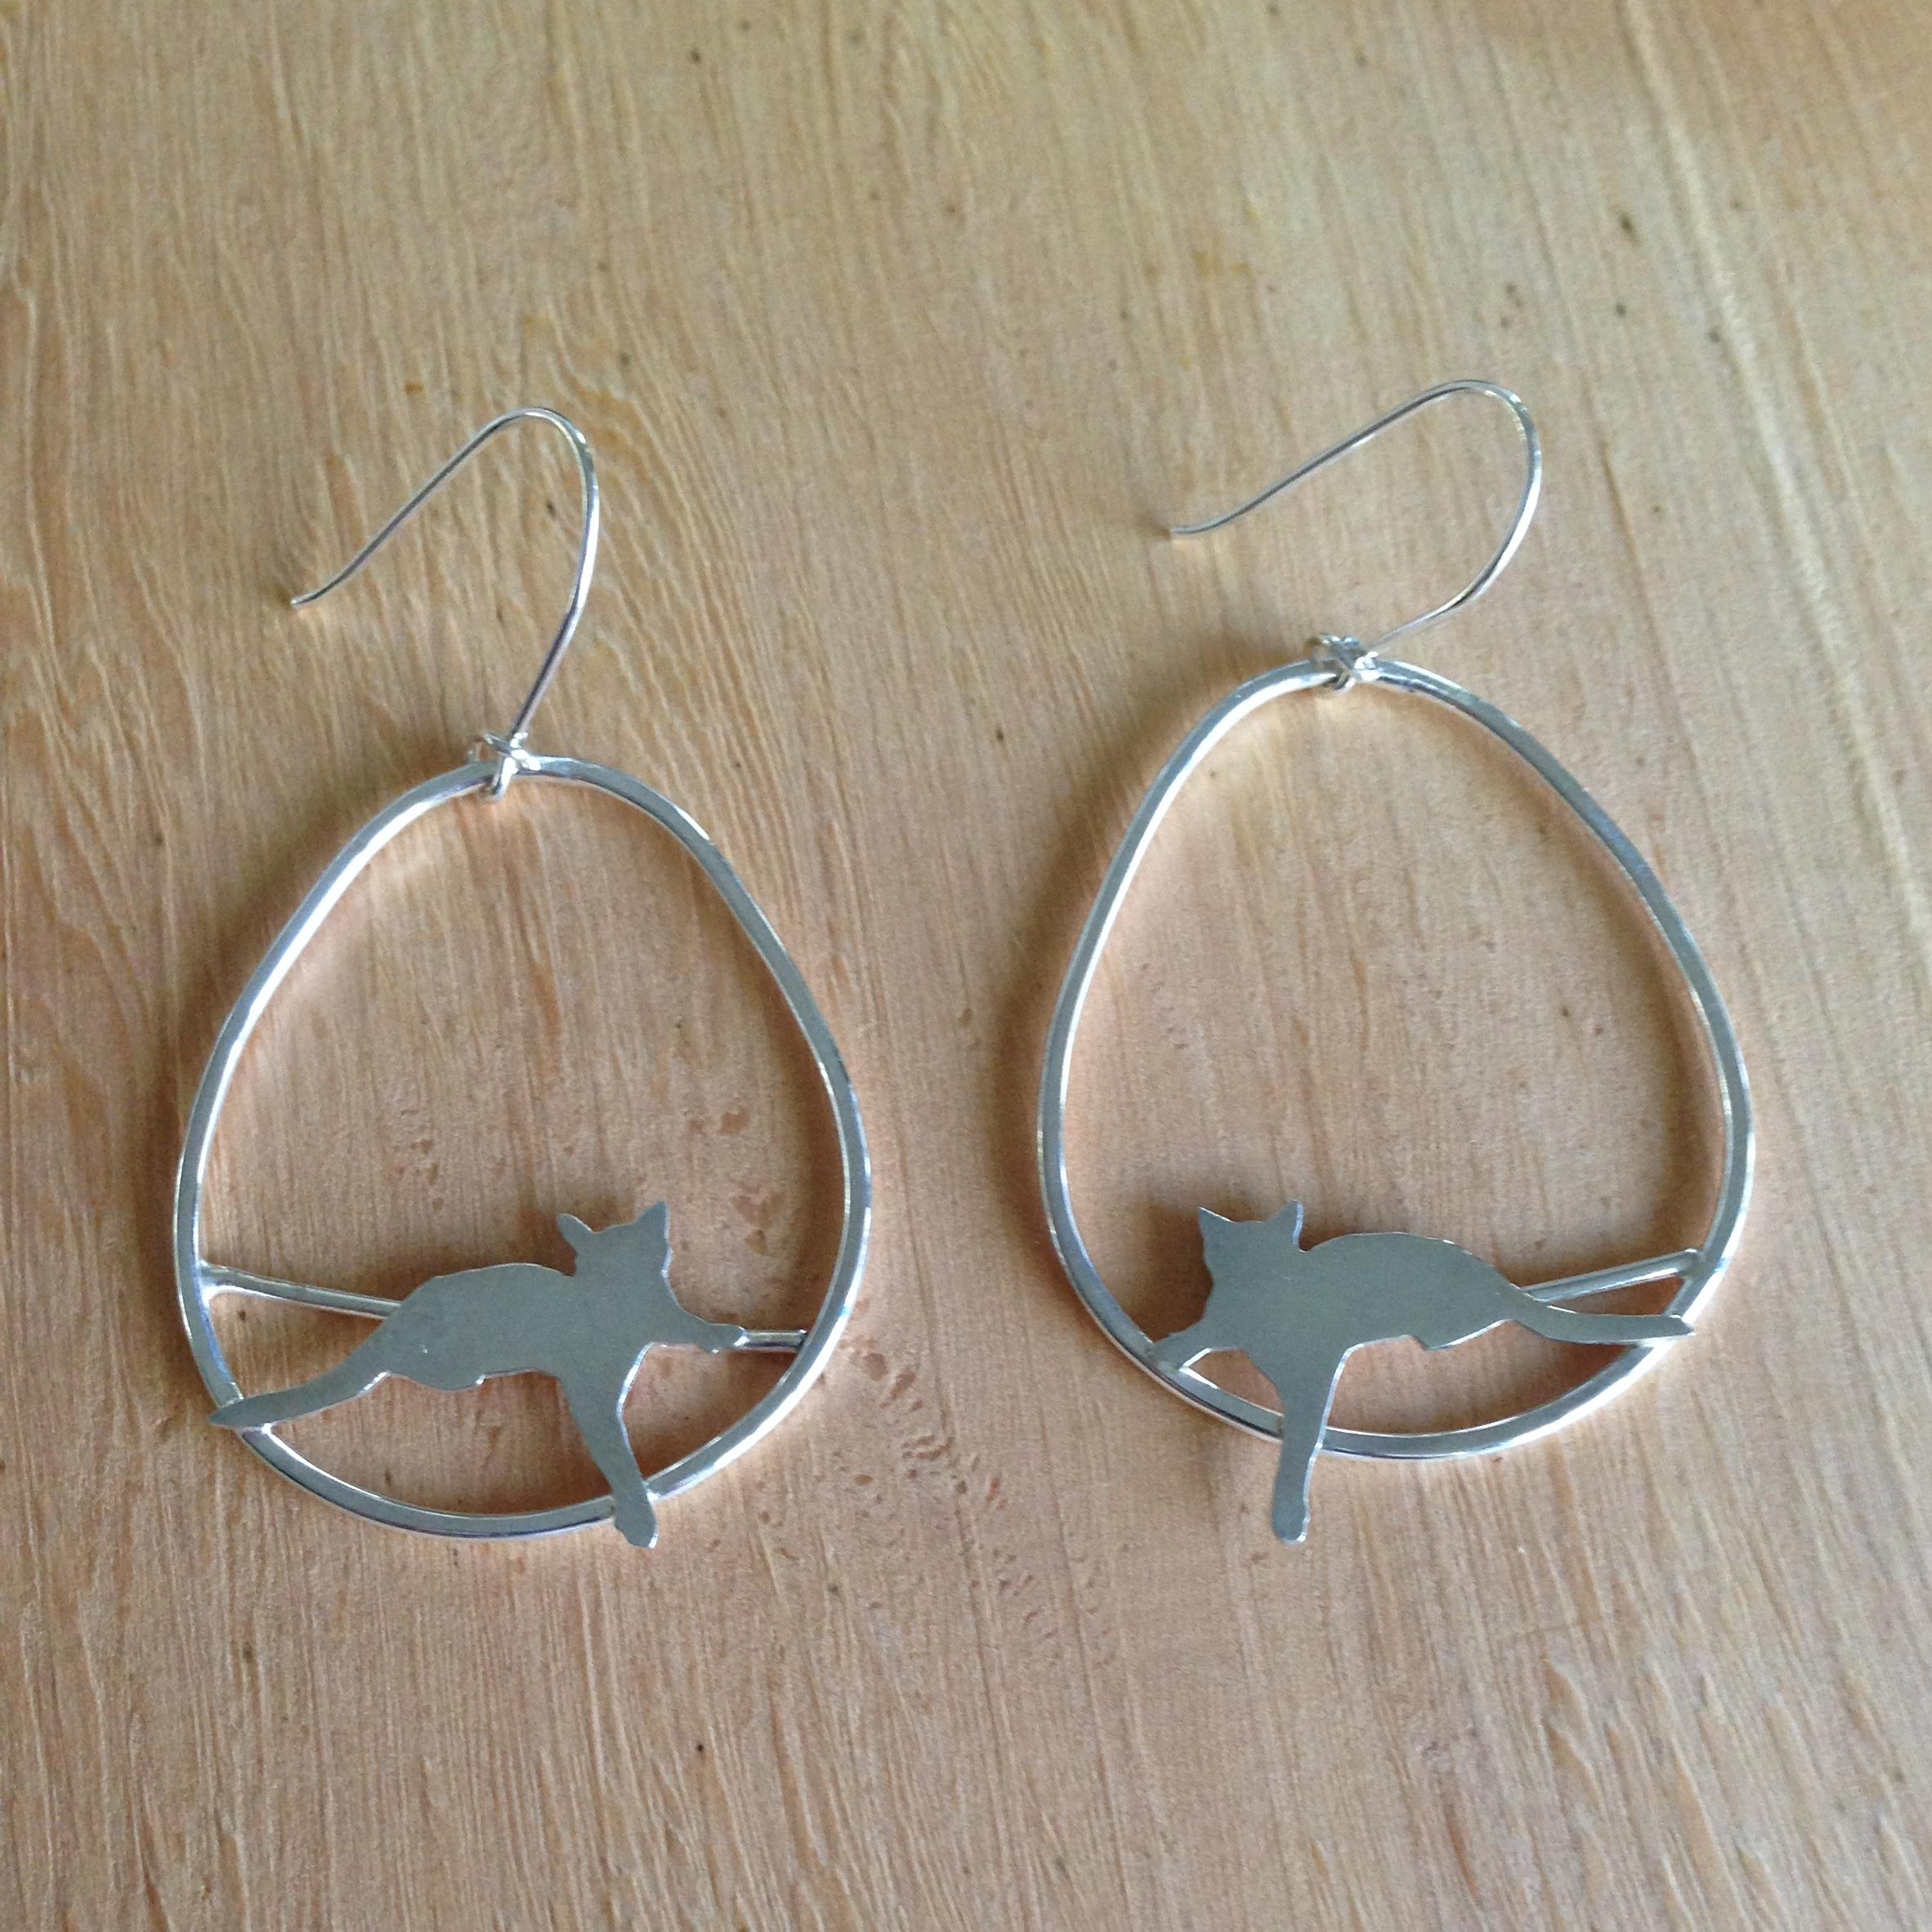 pusskins-earrings